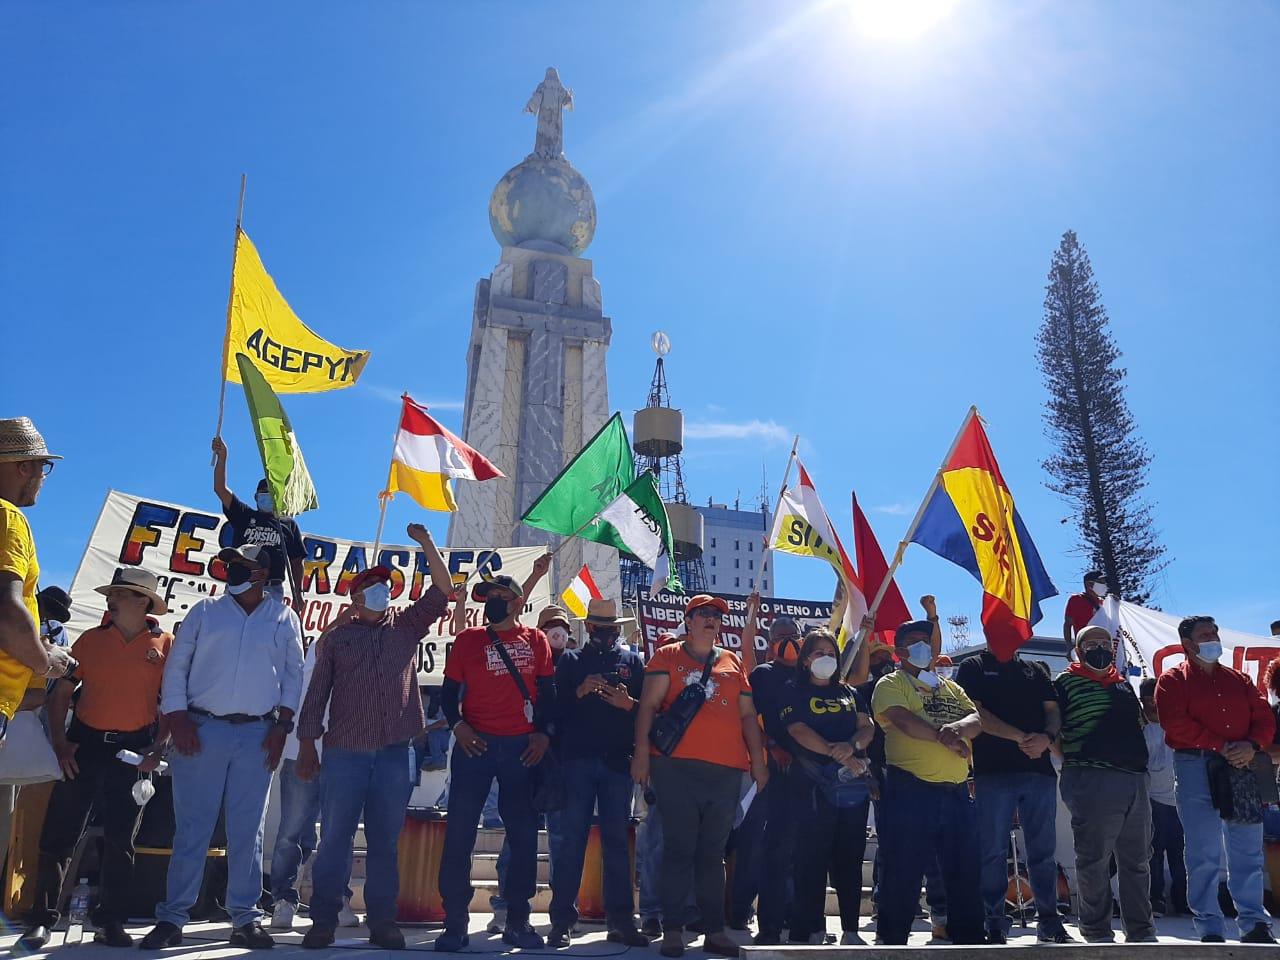 Trabajadores y trabajadoras se movilizaron en el día del sindicalismo salvadoreño